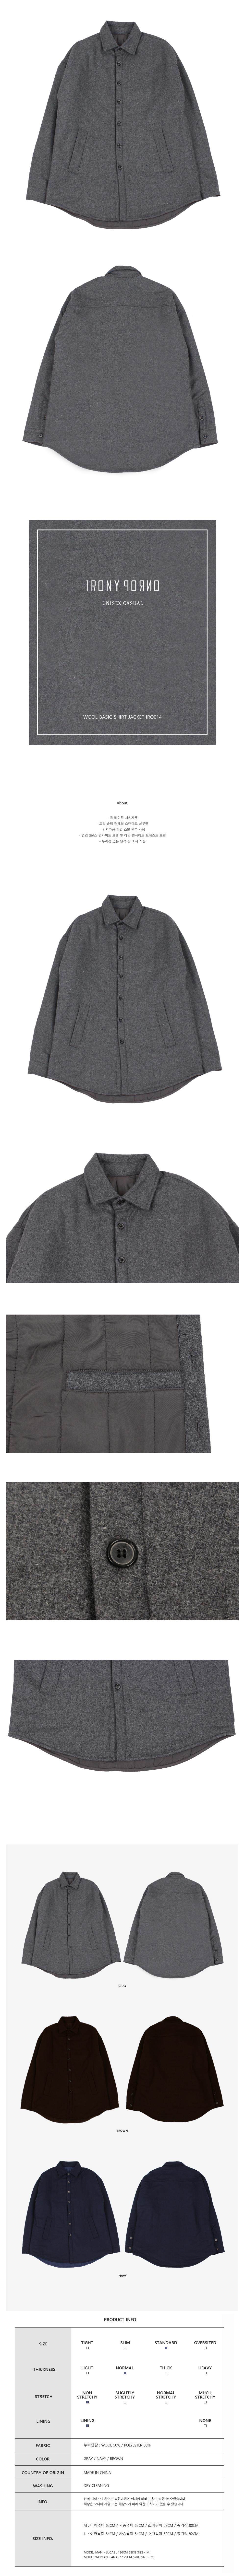 셔츠자켓-설명-위쪽.jpg